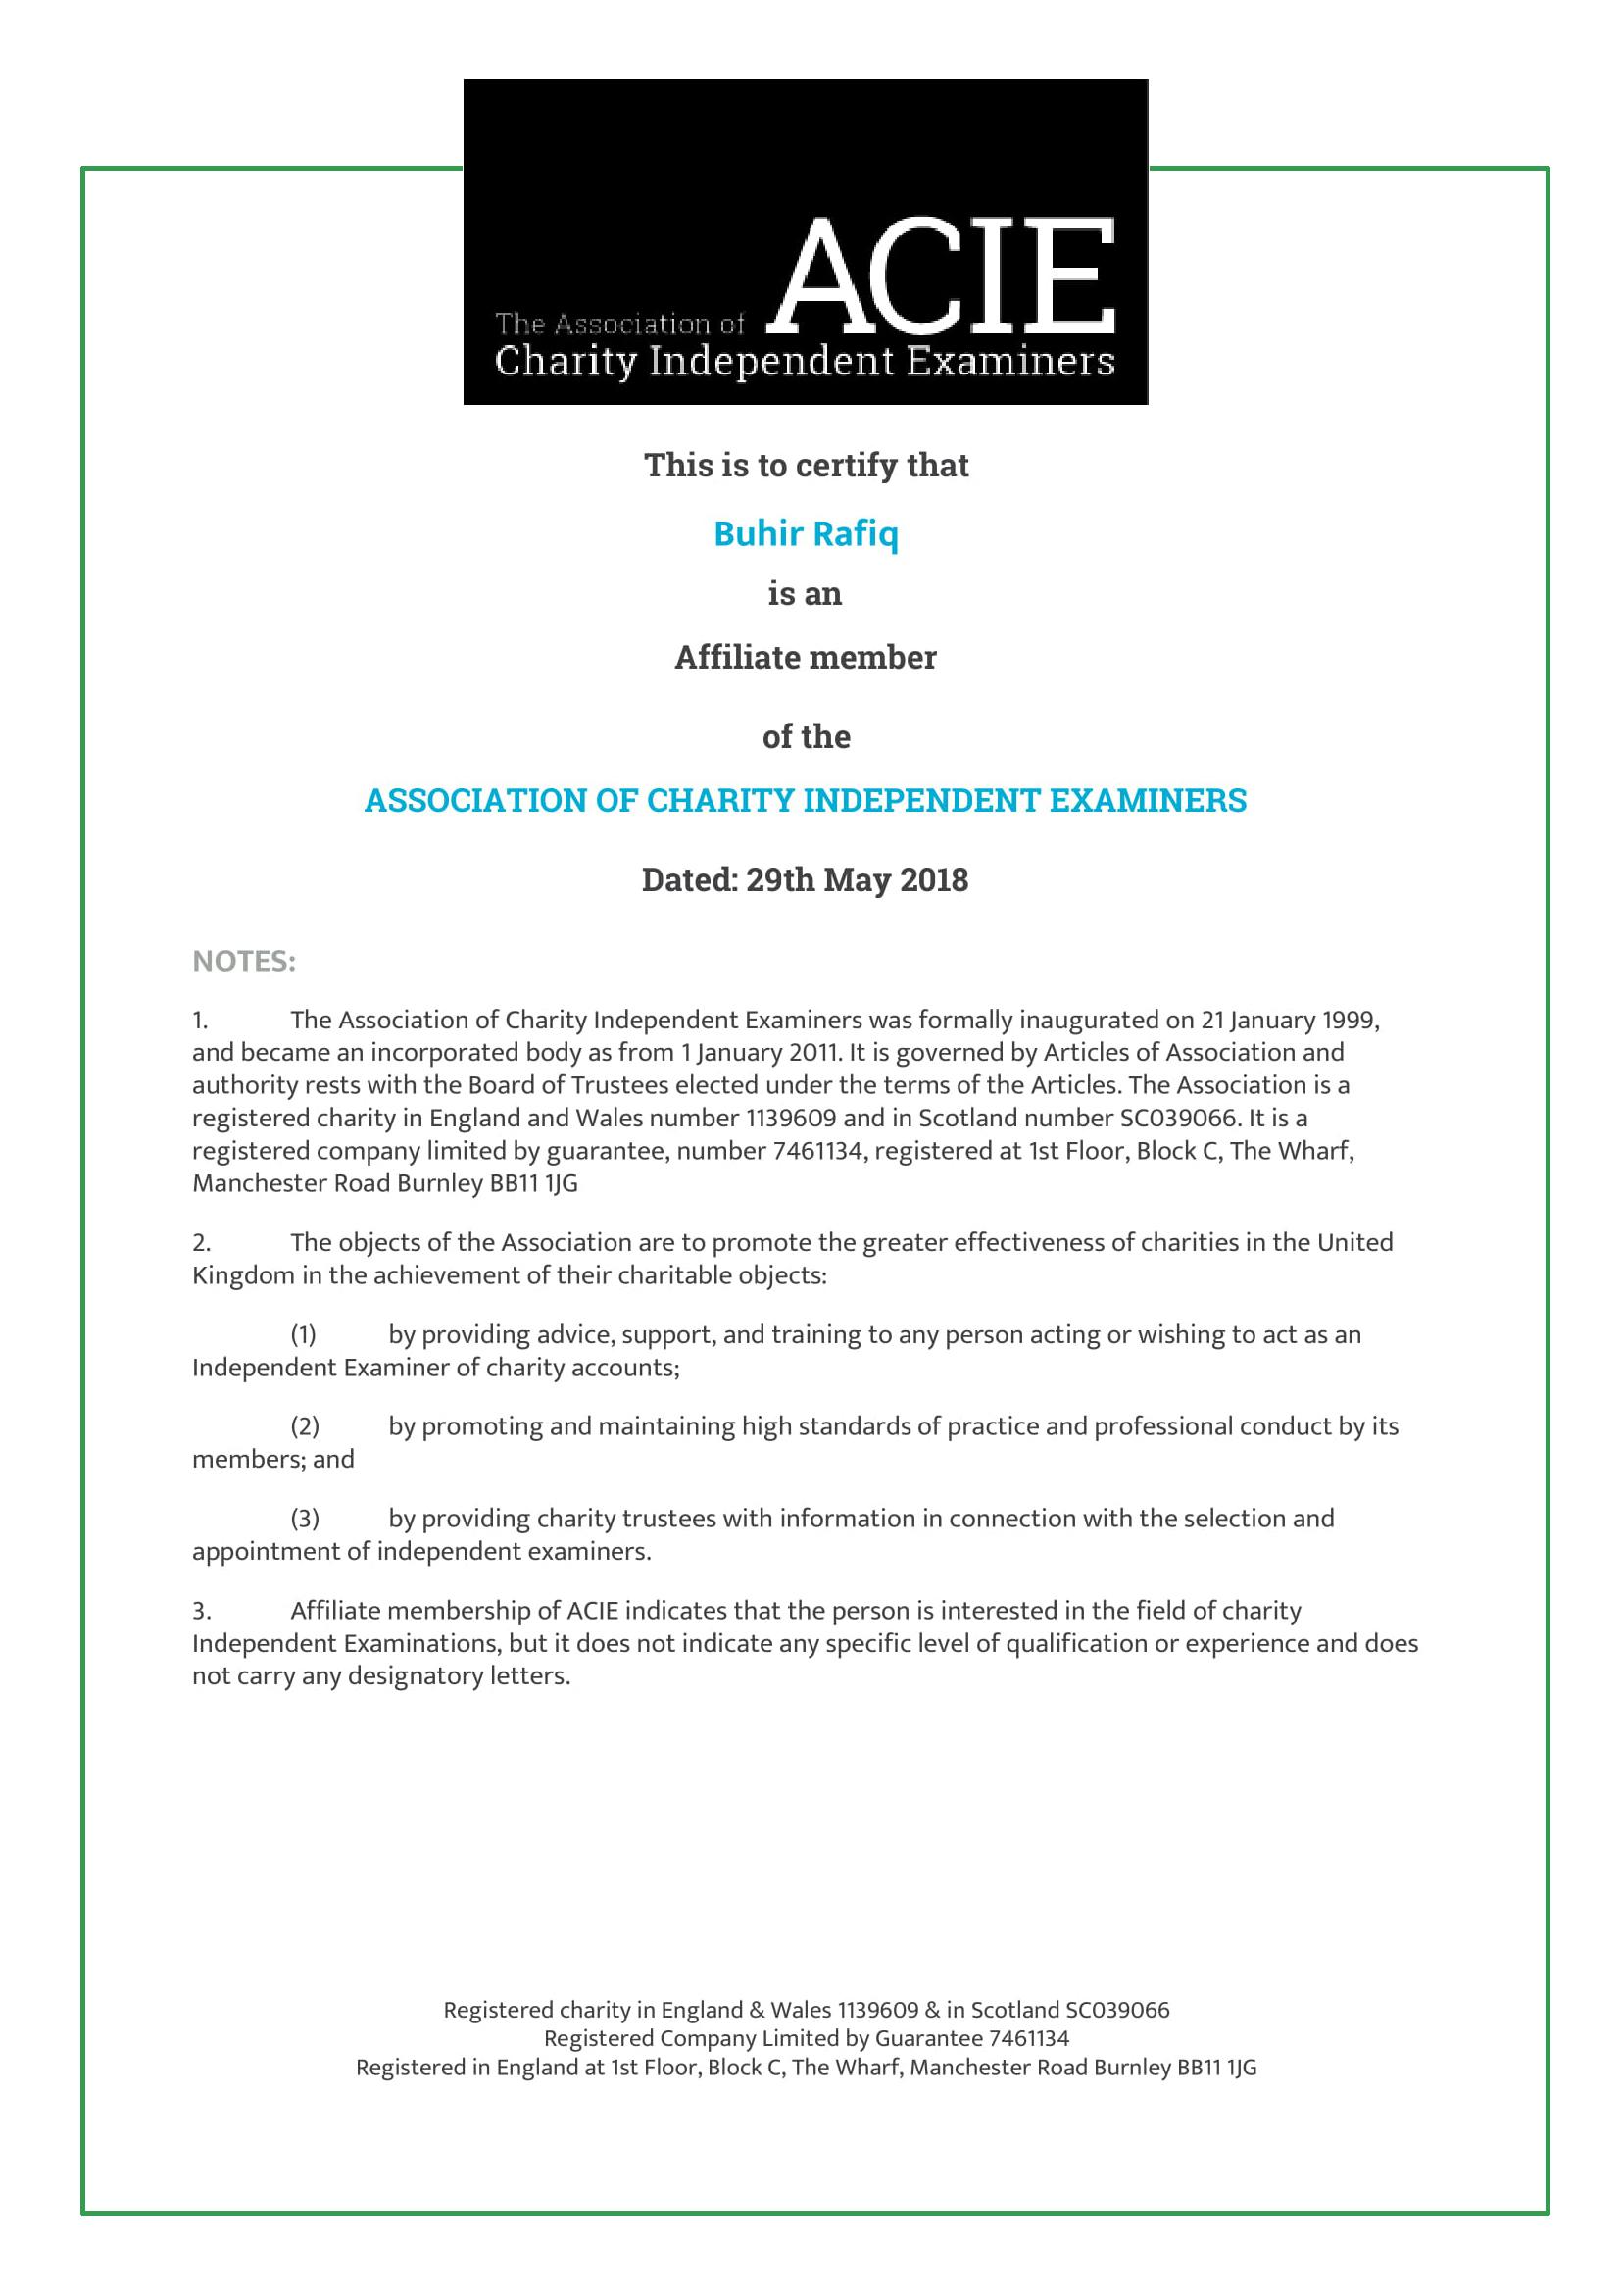 ACIE certificate